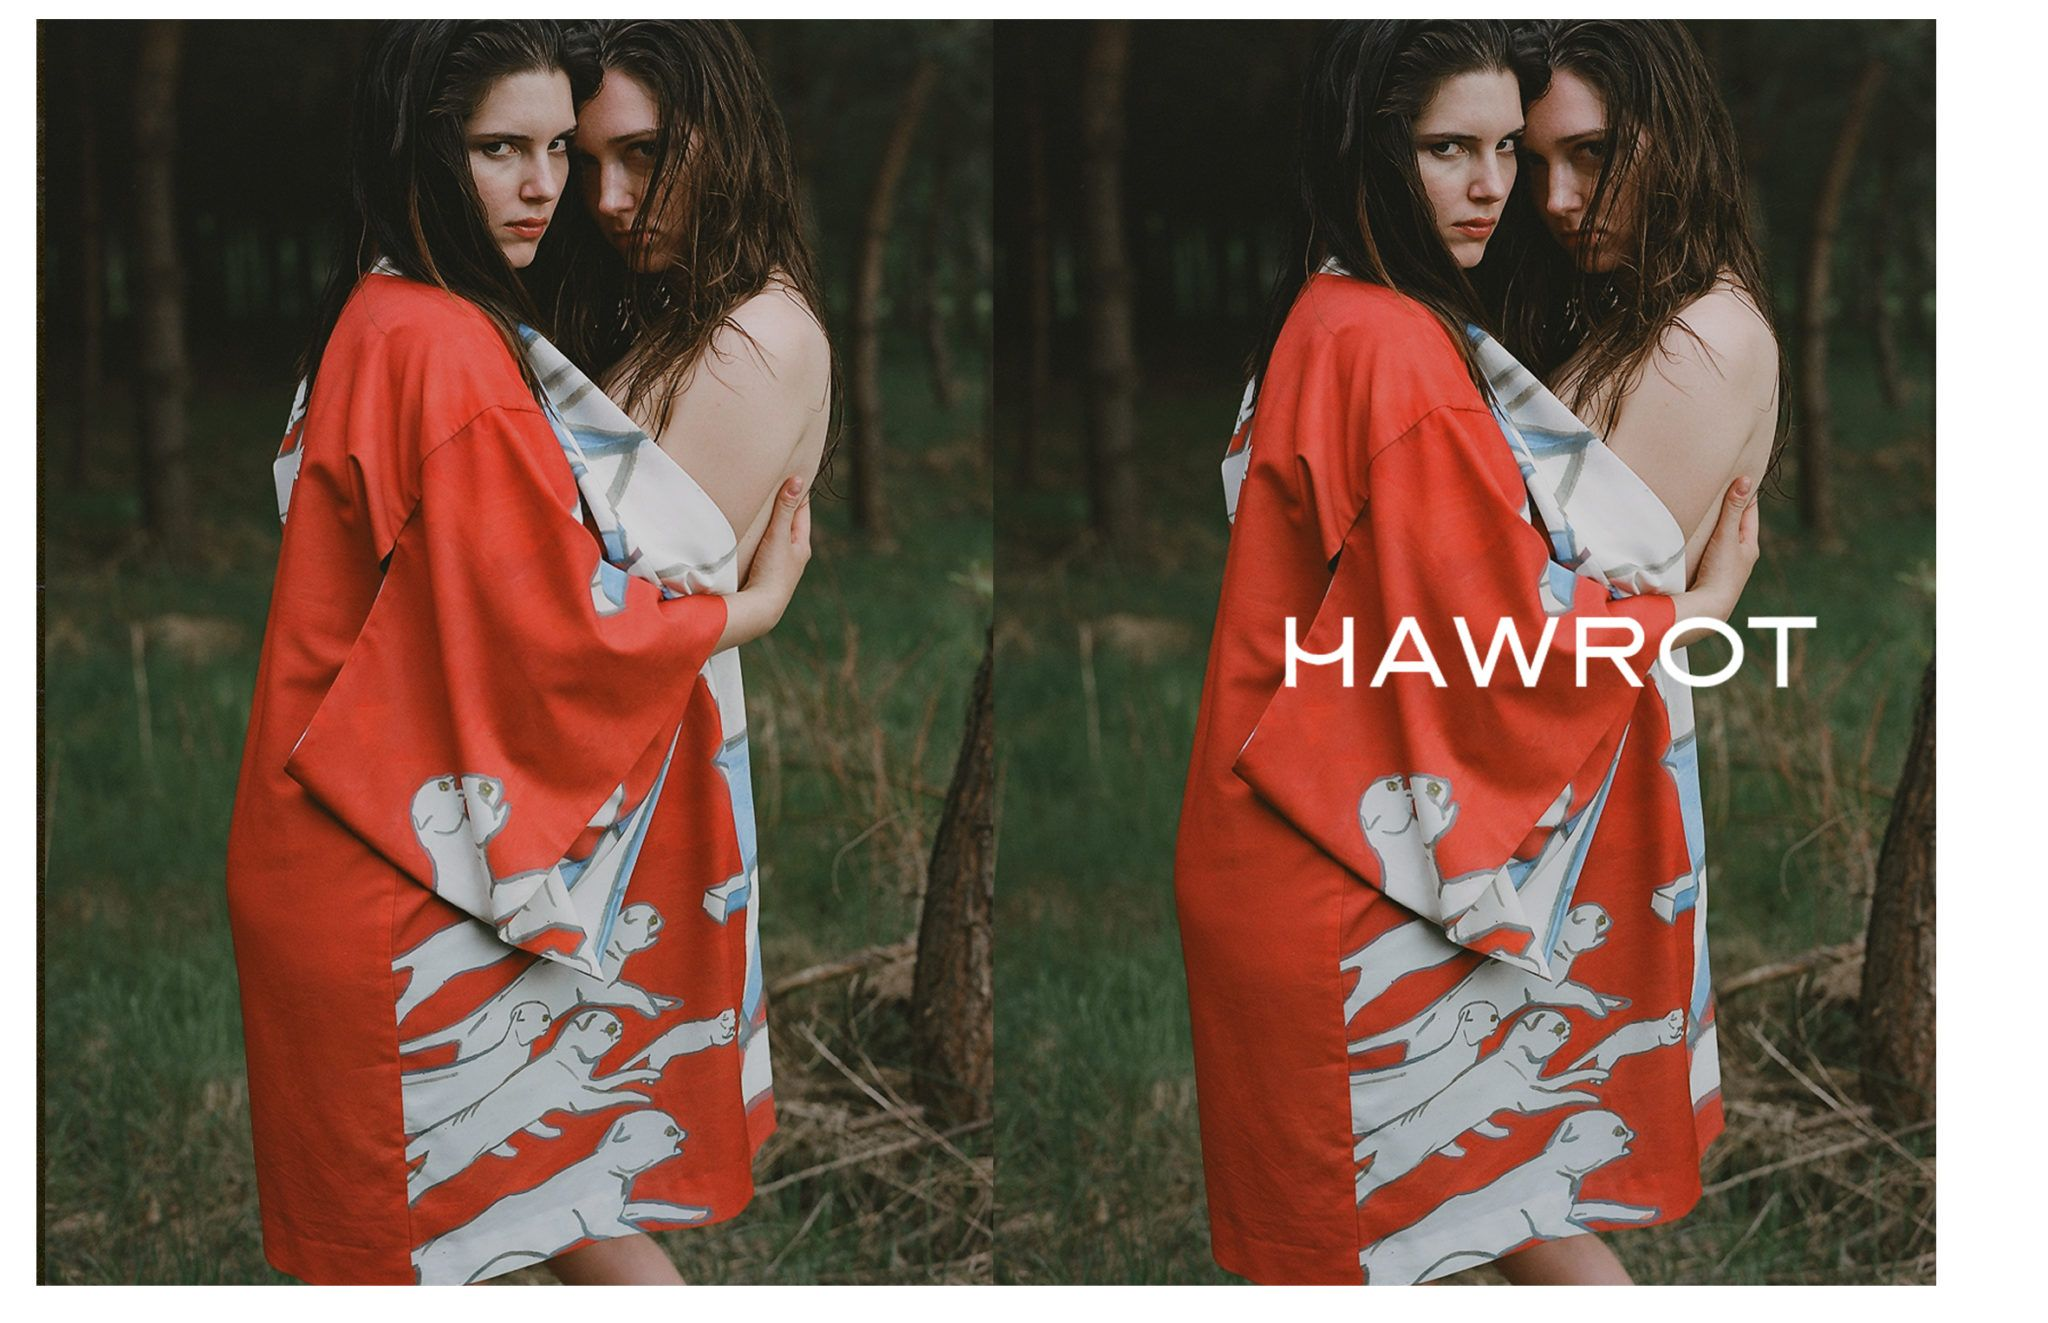 Dwa zdjecia polaczone w jedno w lesie dwie dziewczyny stoja przytulone opatulone jednym kimonem